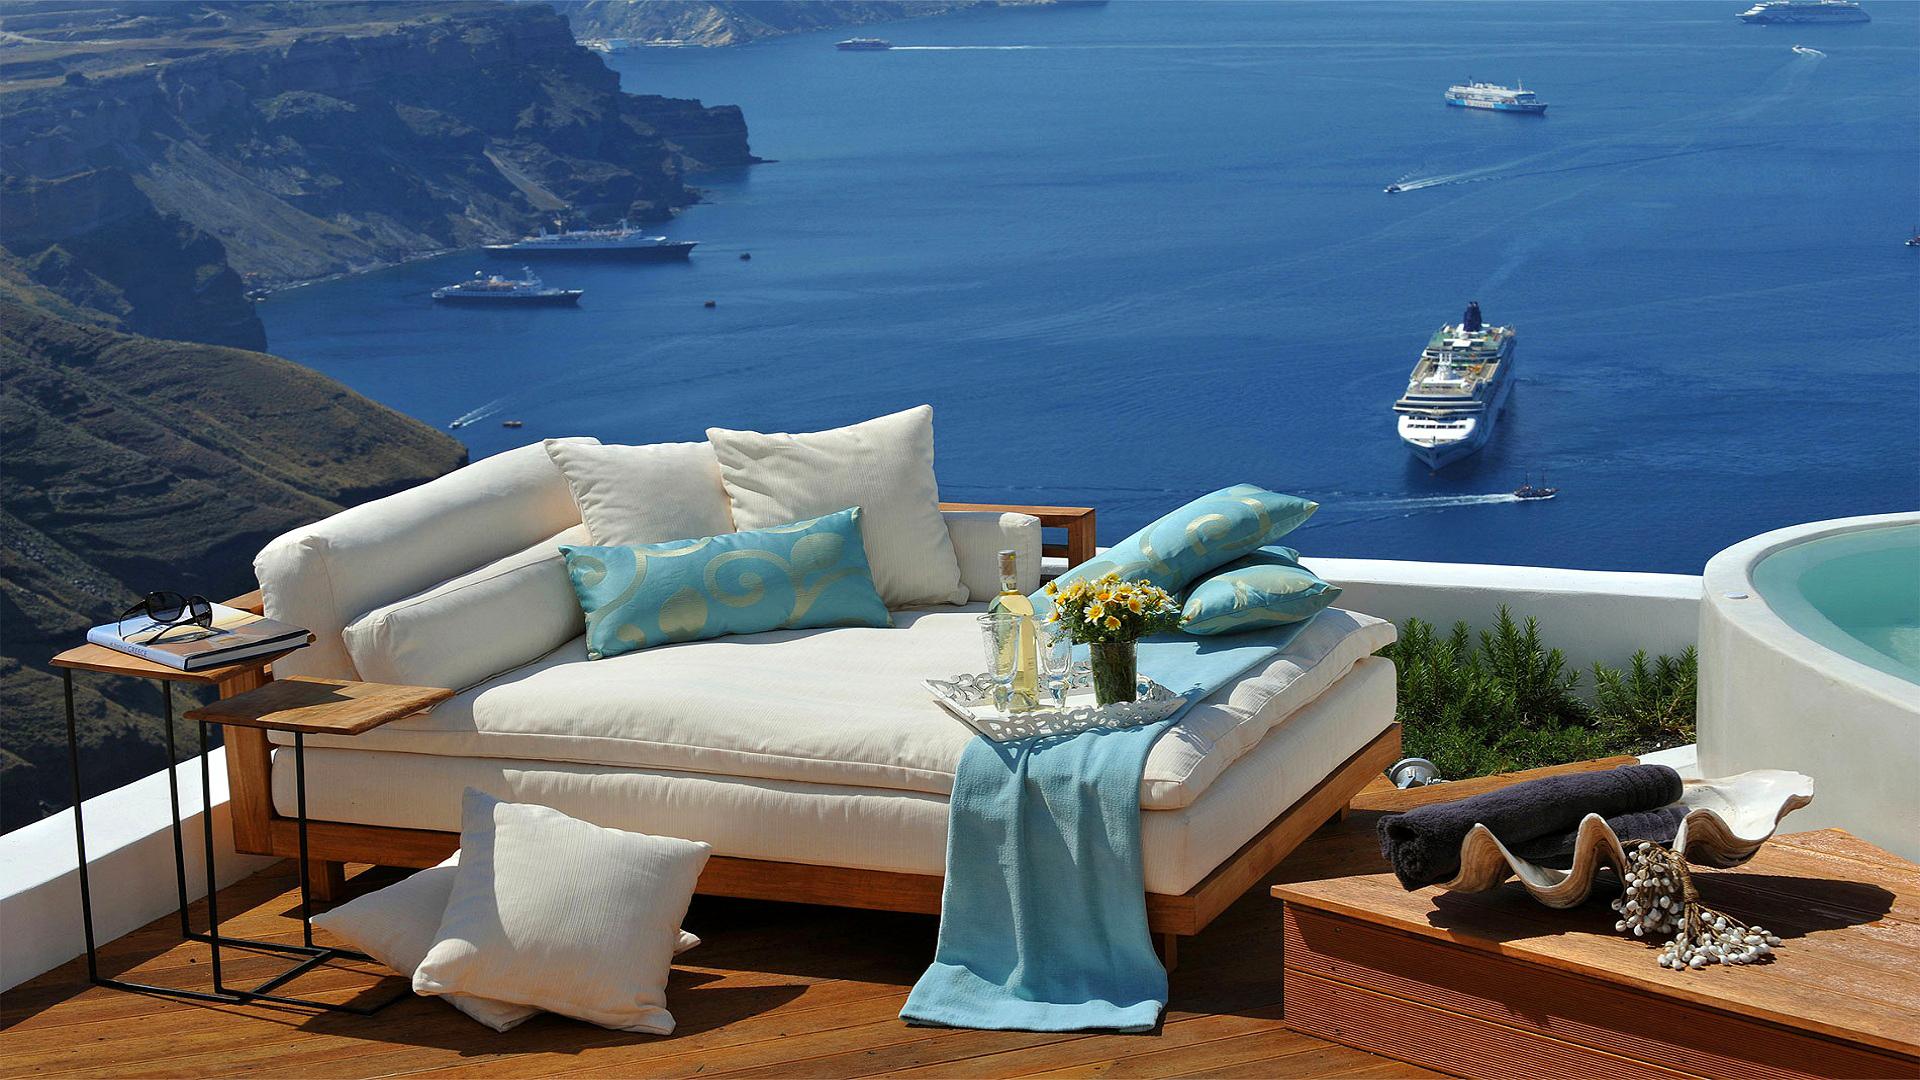 Photography - Holiday Santorini Greece Sofa Ship Lounge Pillow Ocean Cruise Ship Cushion Wallpaper